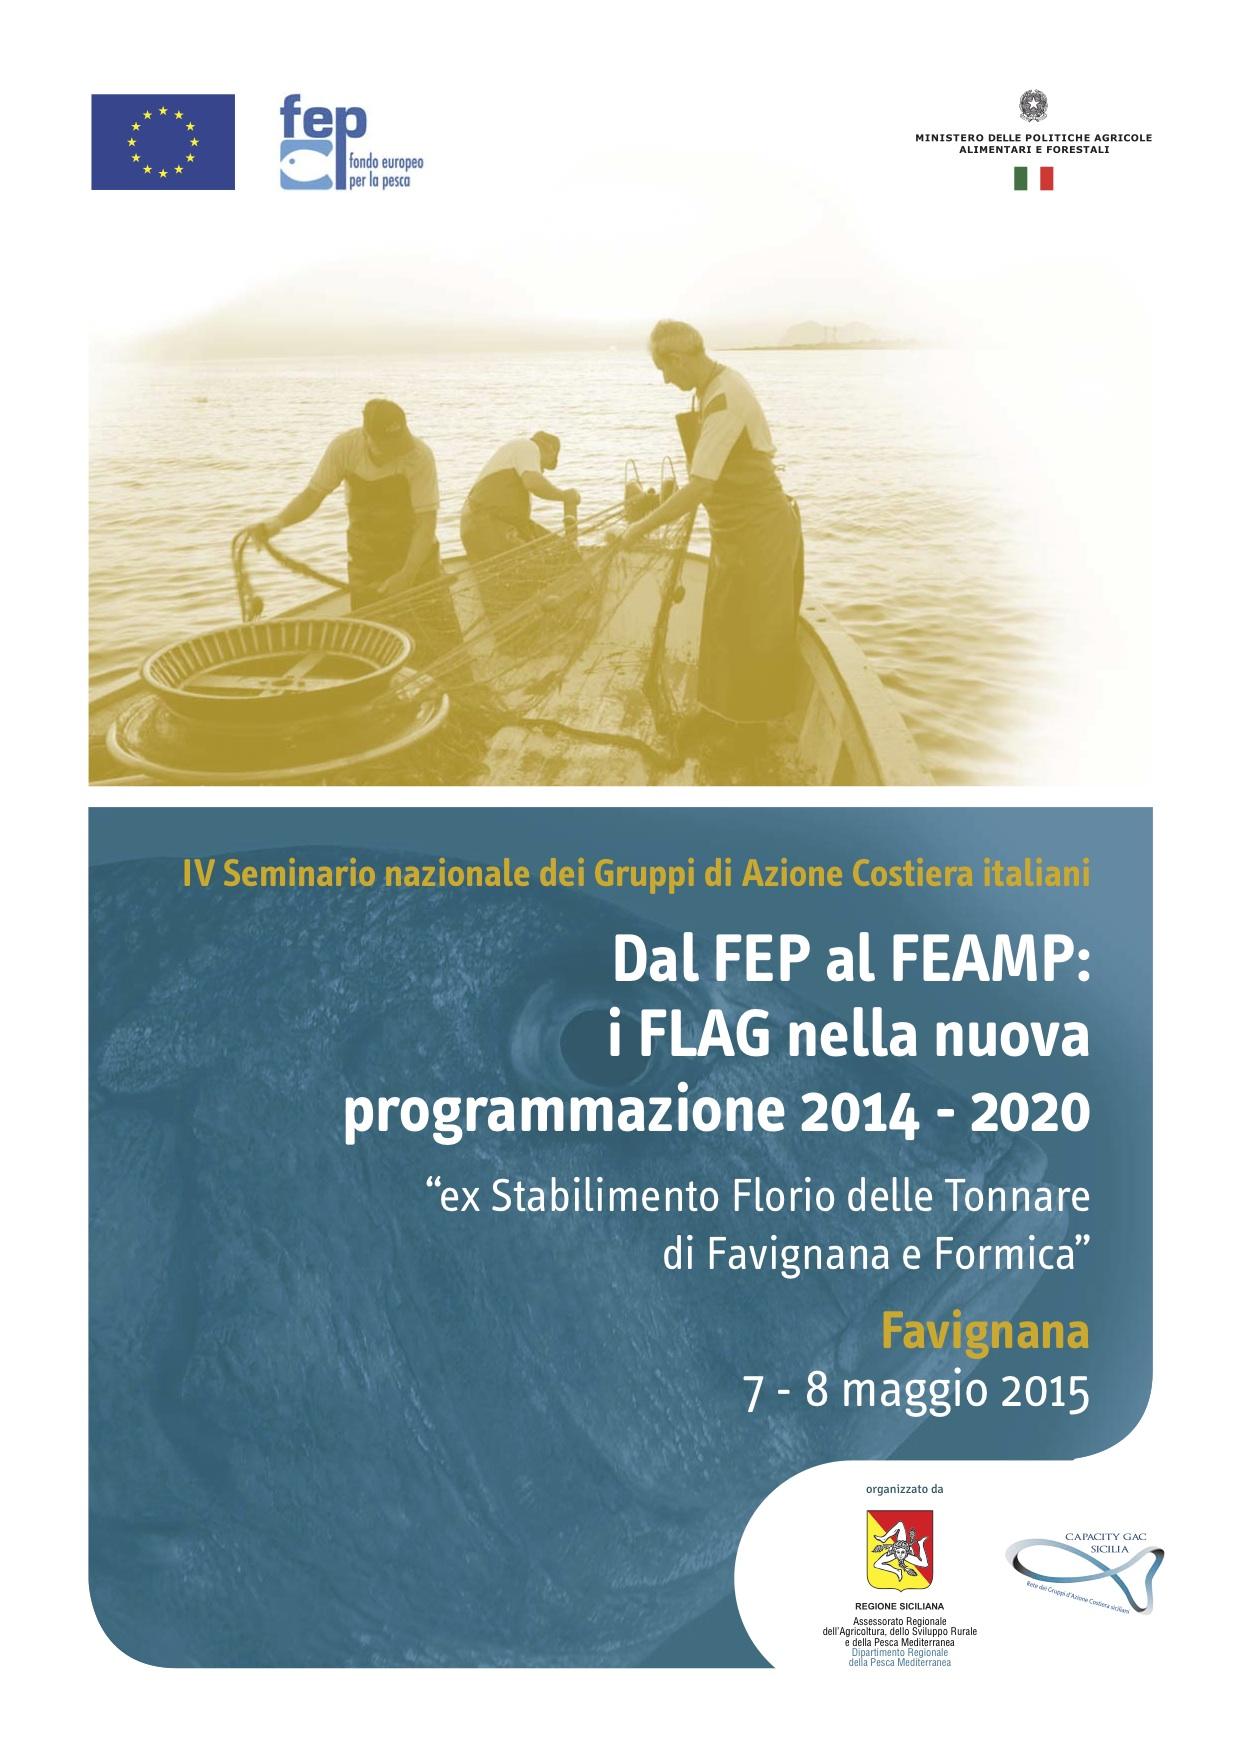 Invito_Programma_SemNazionale GAC Italiani Favignana